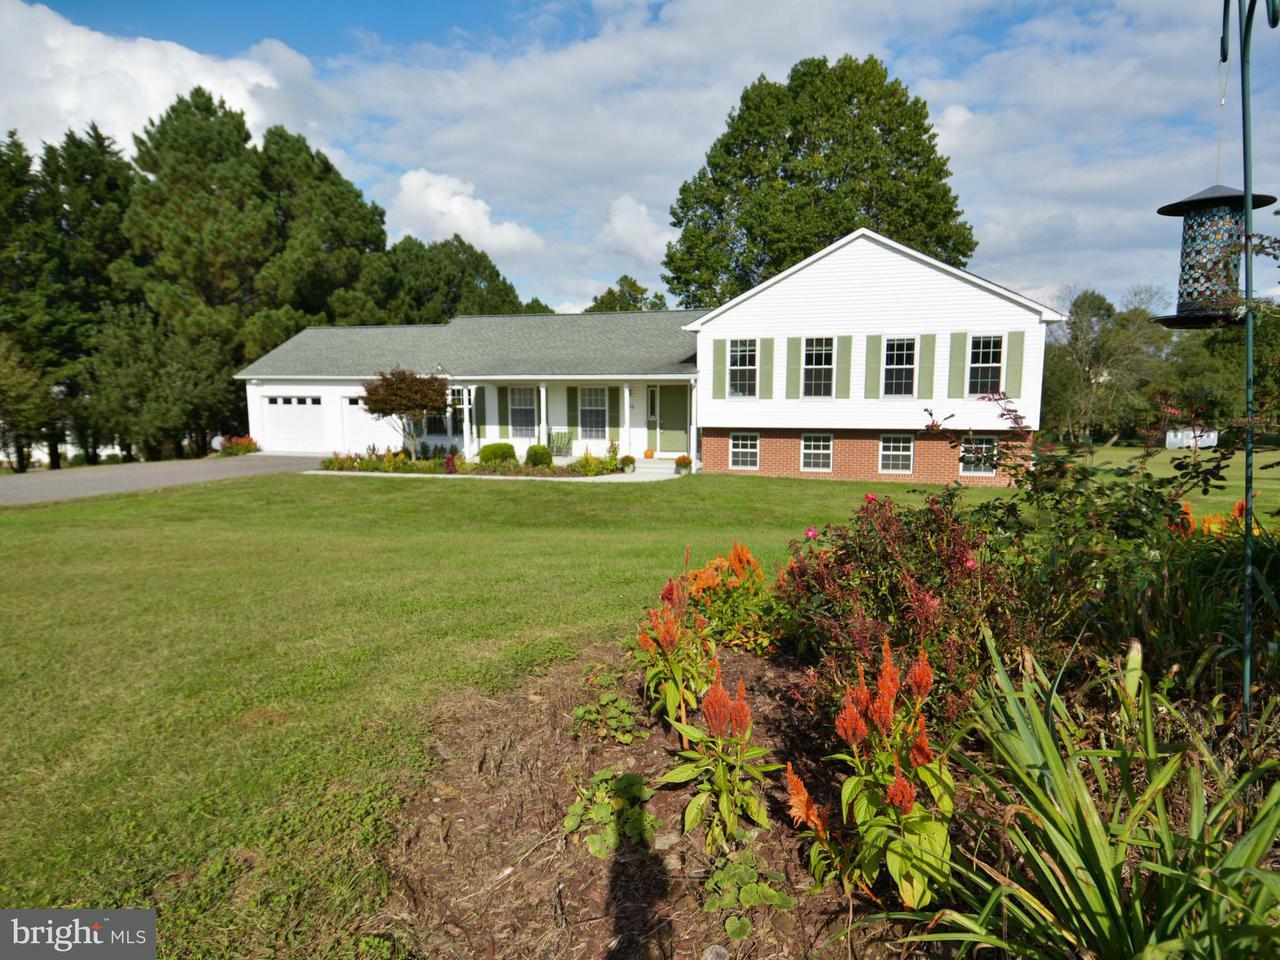 Частный односемейный дом для того Продажа на 3504 CEDARS STABLE Road 3504 CEDARS STABLE Road Harwood, Мэриленд 20776 Соединенные Штаты